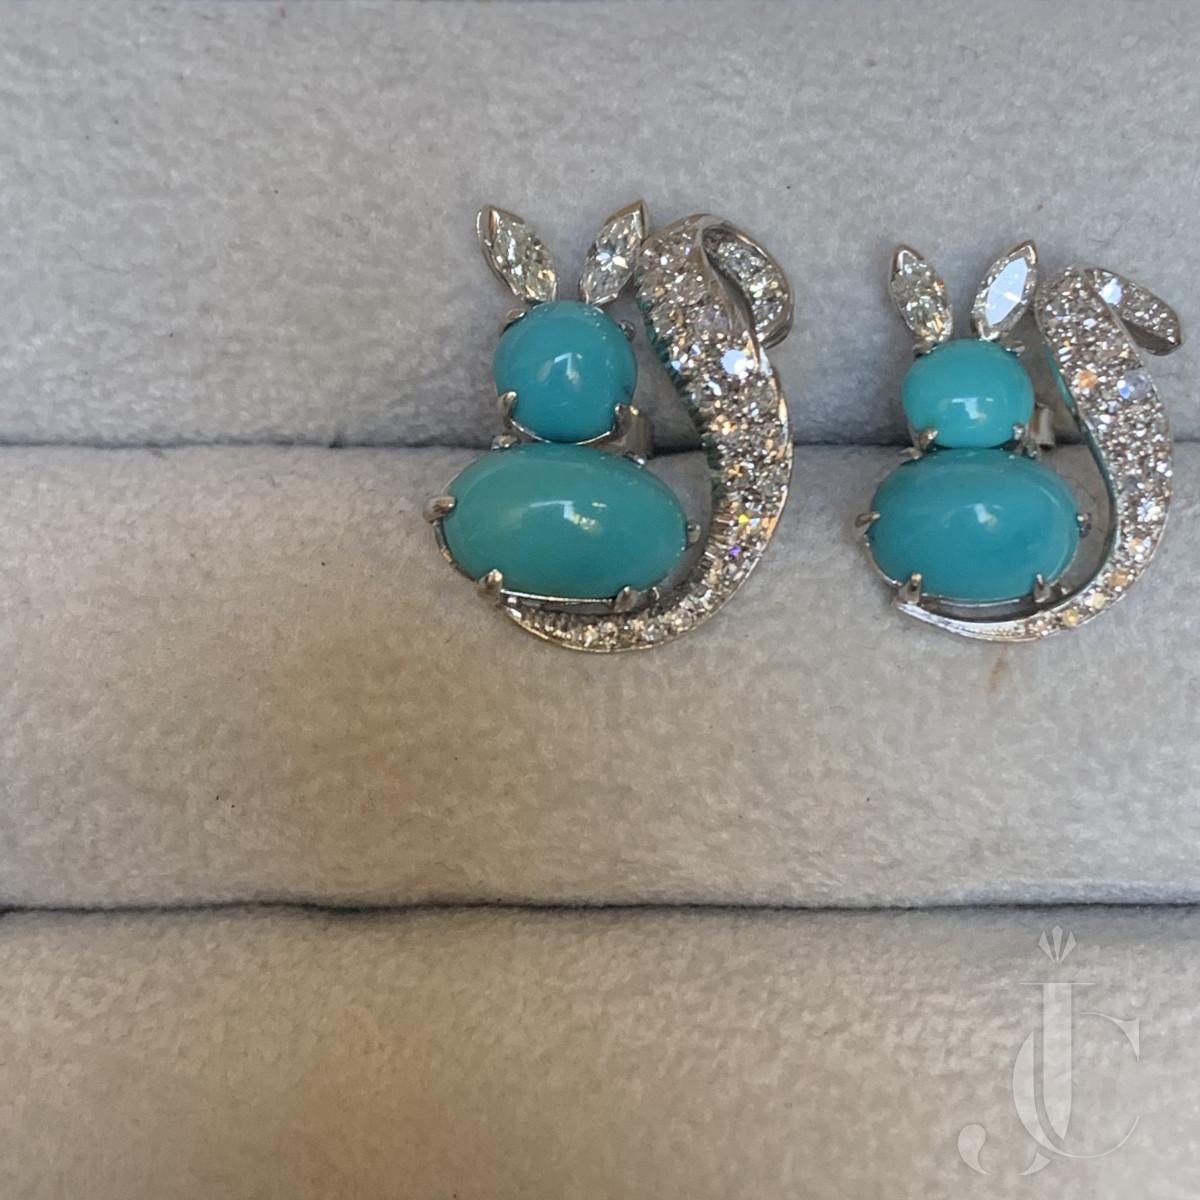 Squirrel Turquoise earrings, Platinum